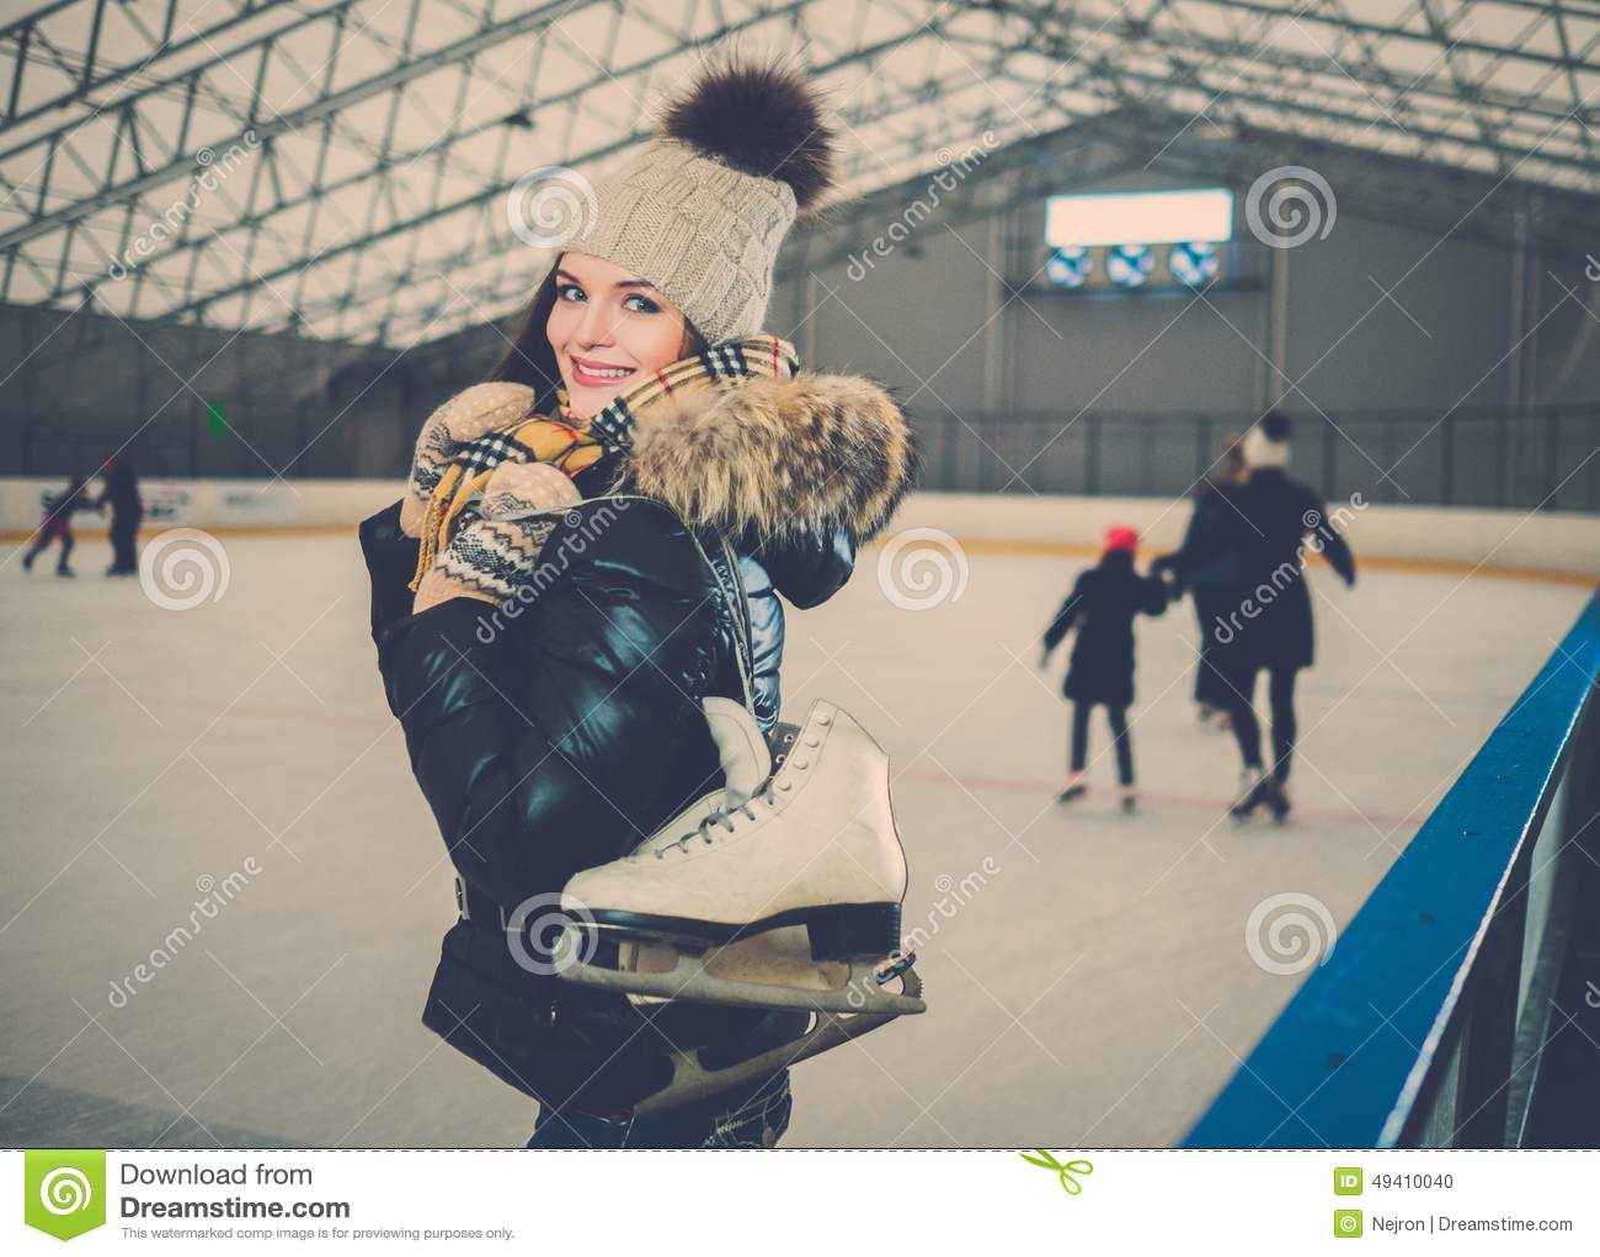 Download Mädchen auf Eislaufeisbahn stockfoto. Bild von freundlich - 49410040